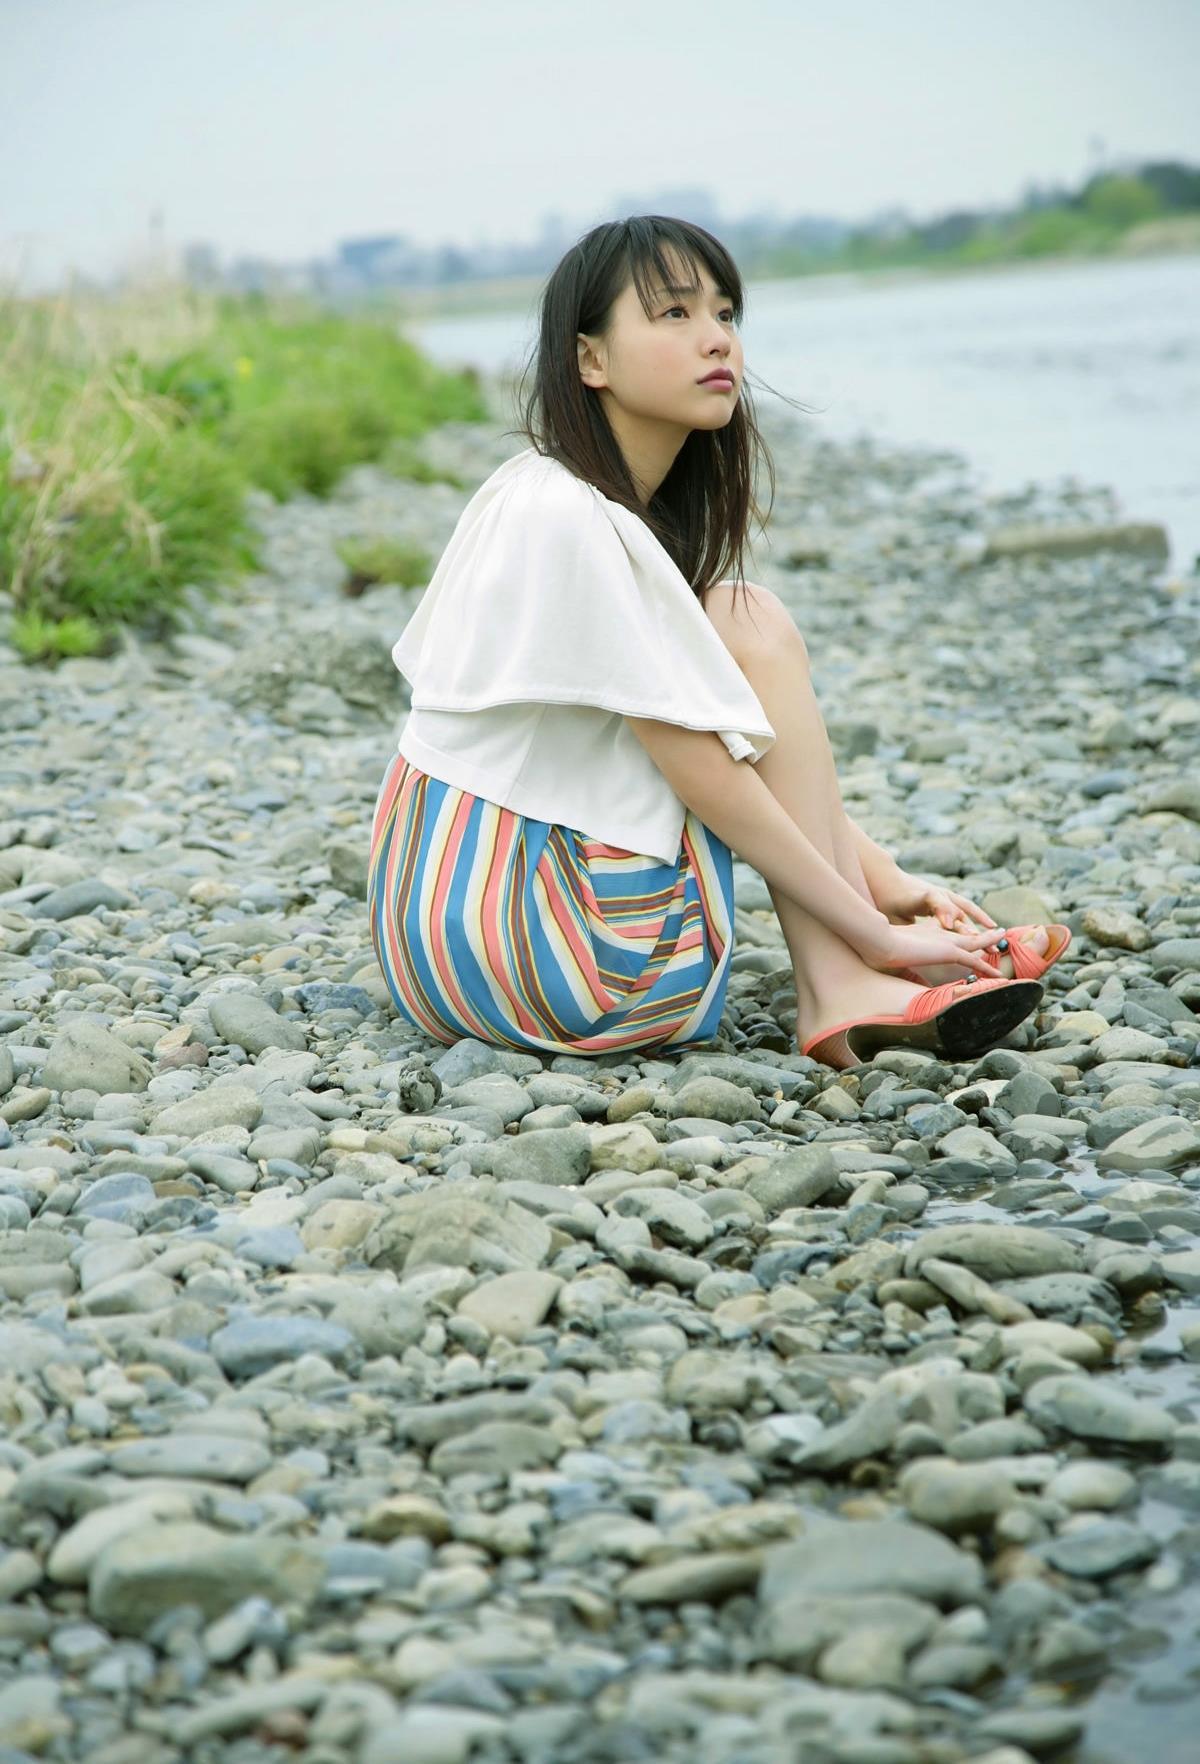 戸田恵梨香 エロ画像 83